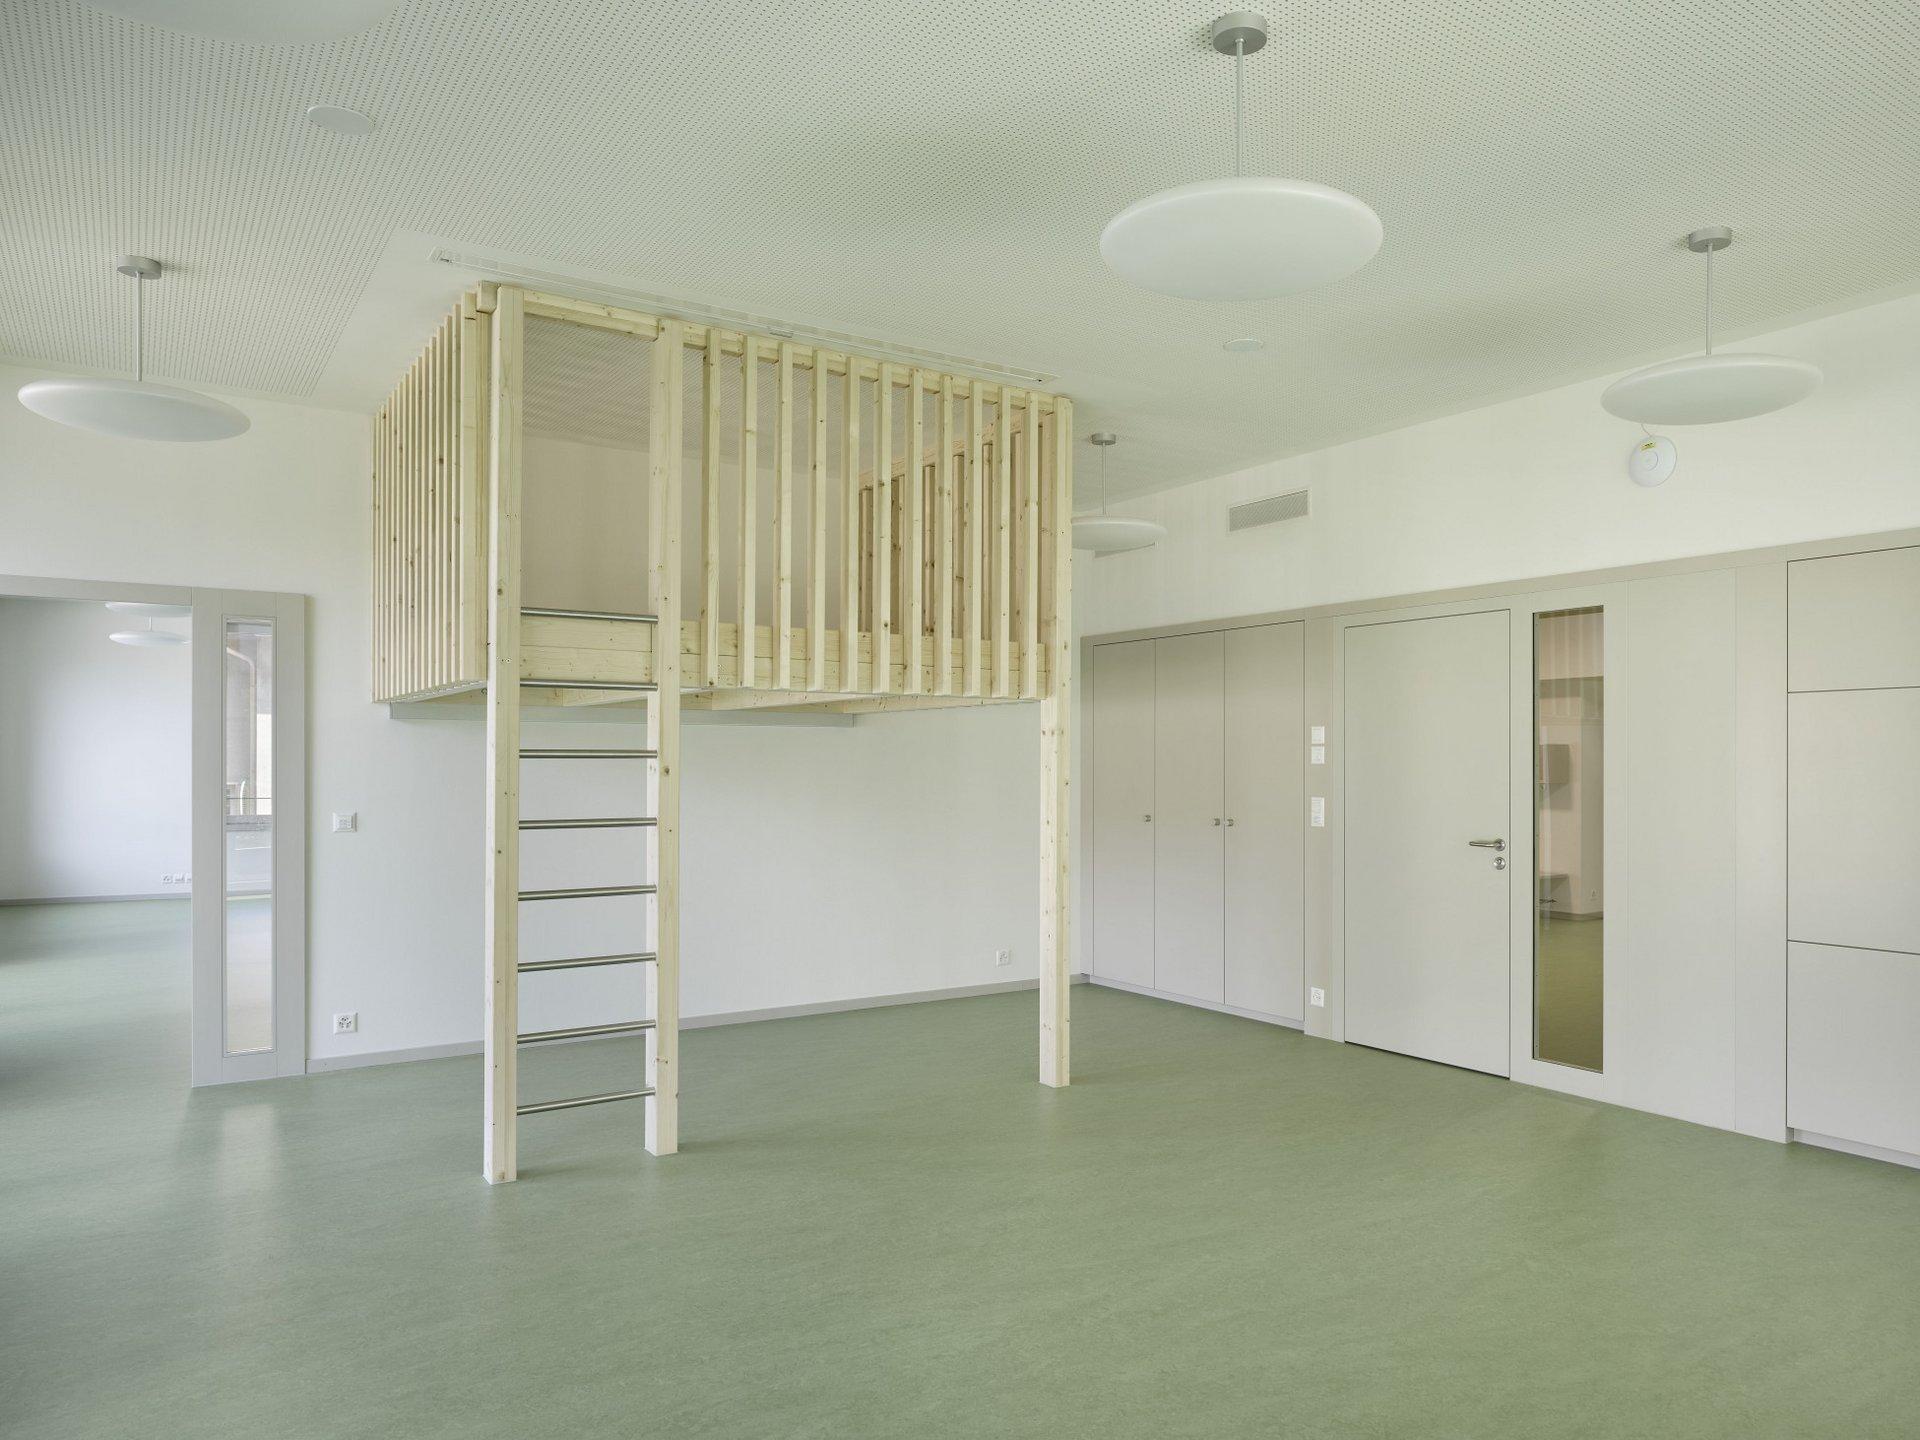 Ein Spielturm inmitten eines Klassenzimmers der über eine Leiter nach oben verfügt